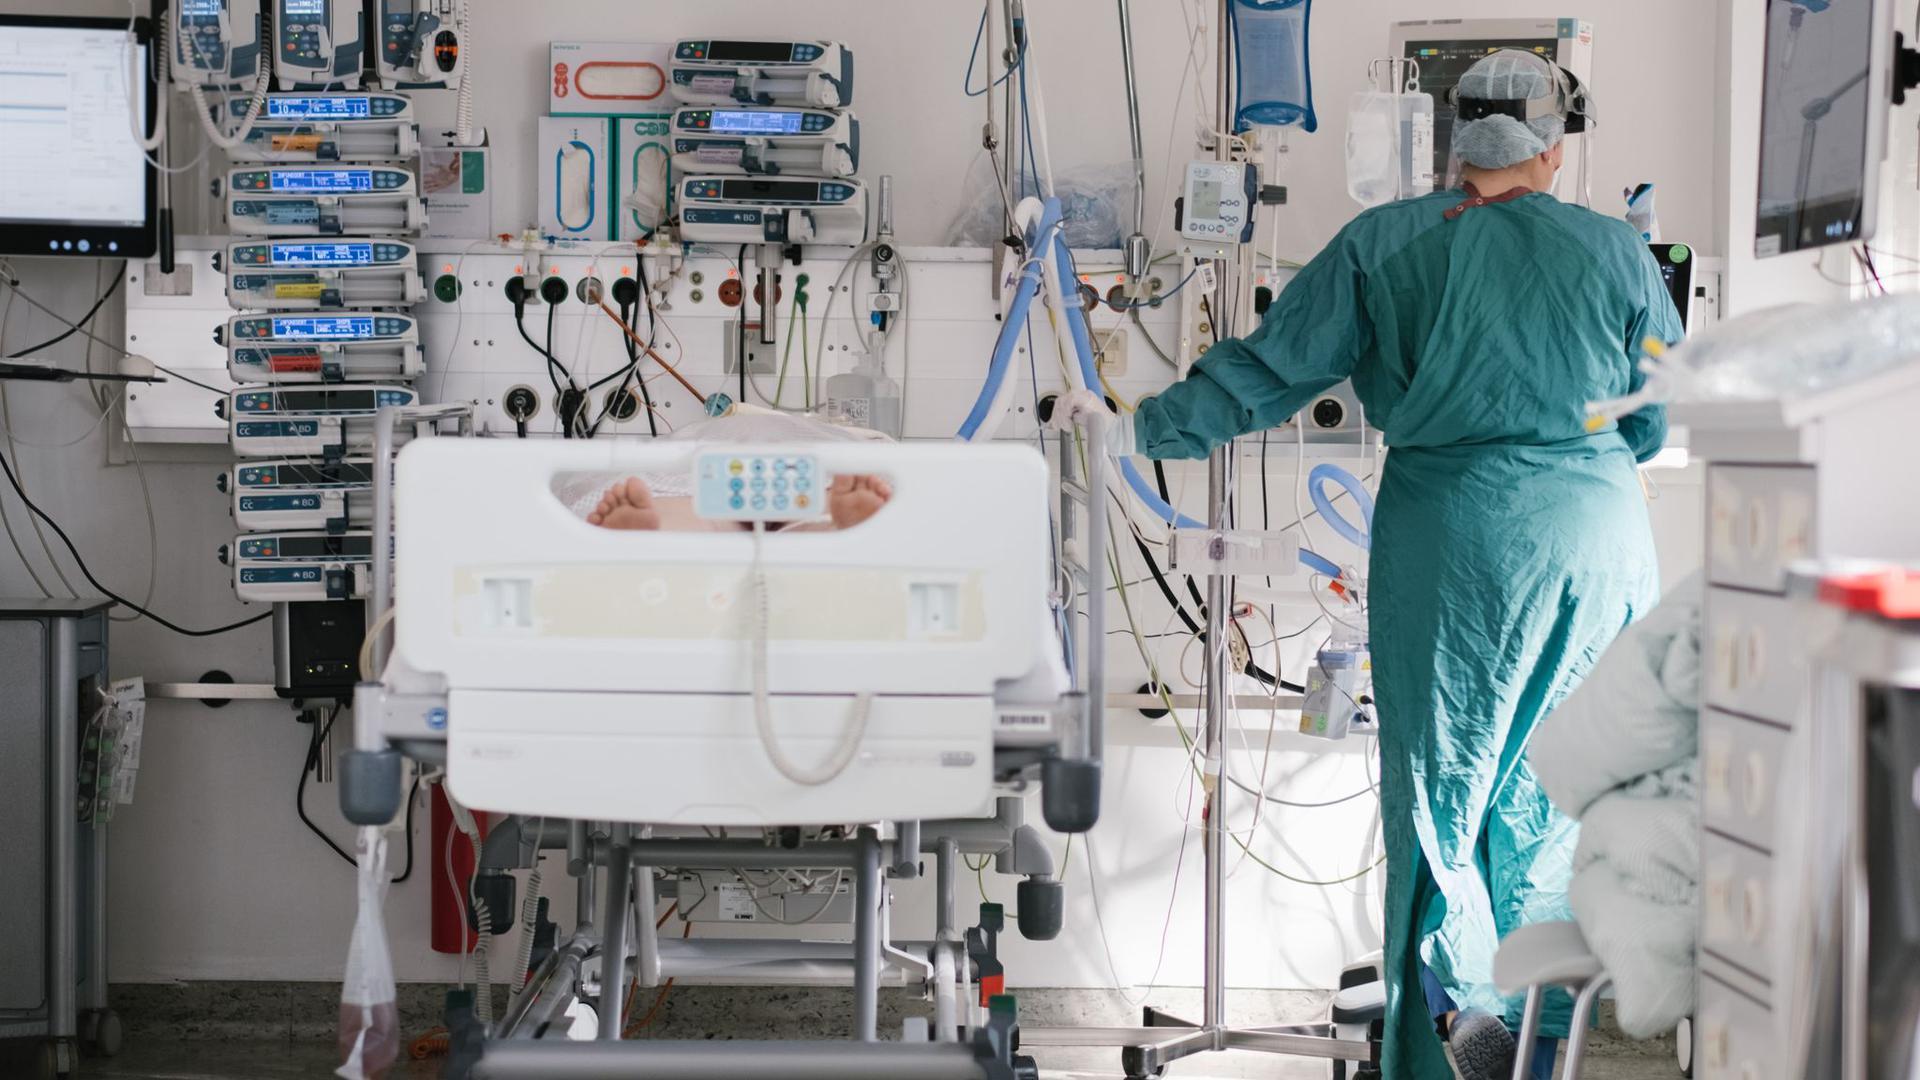 Eine Intensivpflegerin versorgt auf einer Braunschweiger Intensivstation einen an Covid-19 erkrankten Patienten.